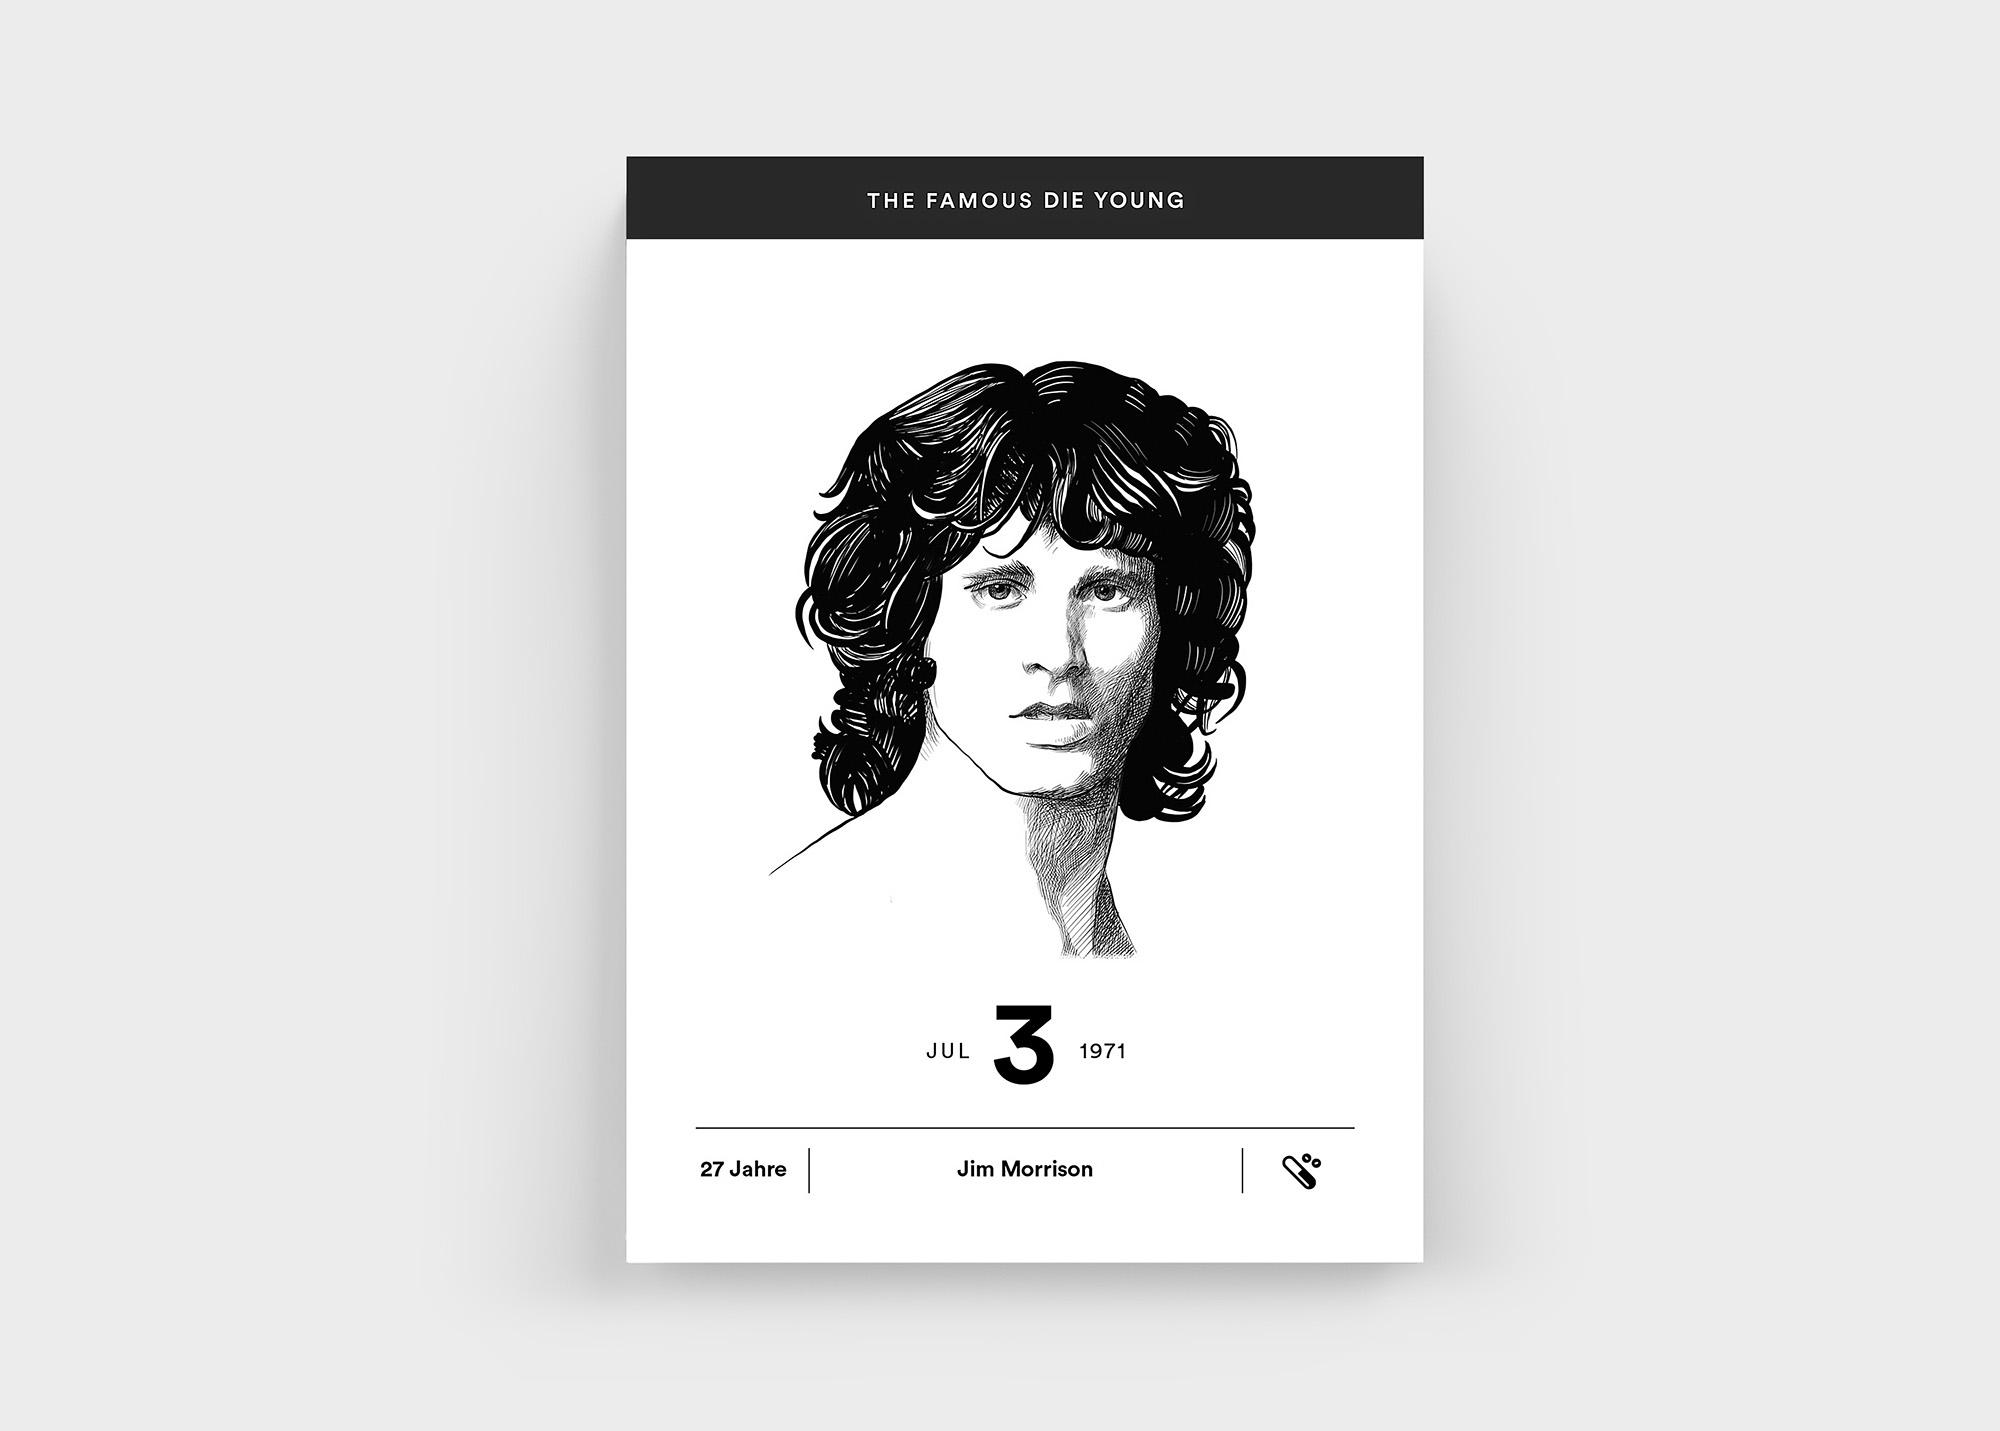 """Leider auch zu früh von uns gegangen und deswegen im """"The Famous Die Young"""" Kalender: Jim Morrison"""